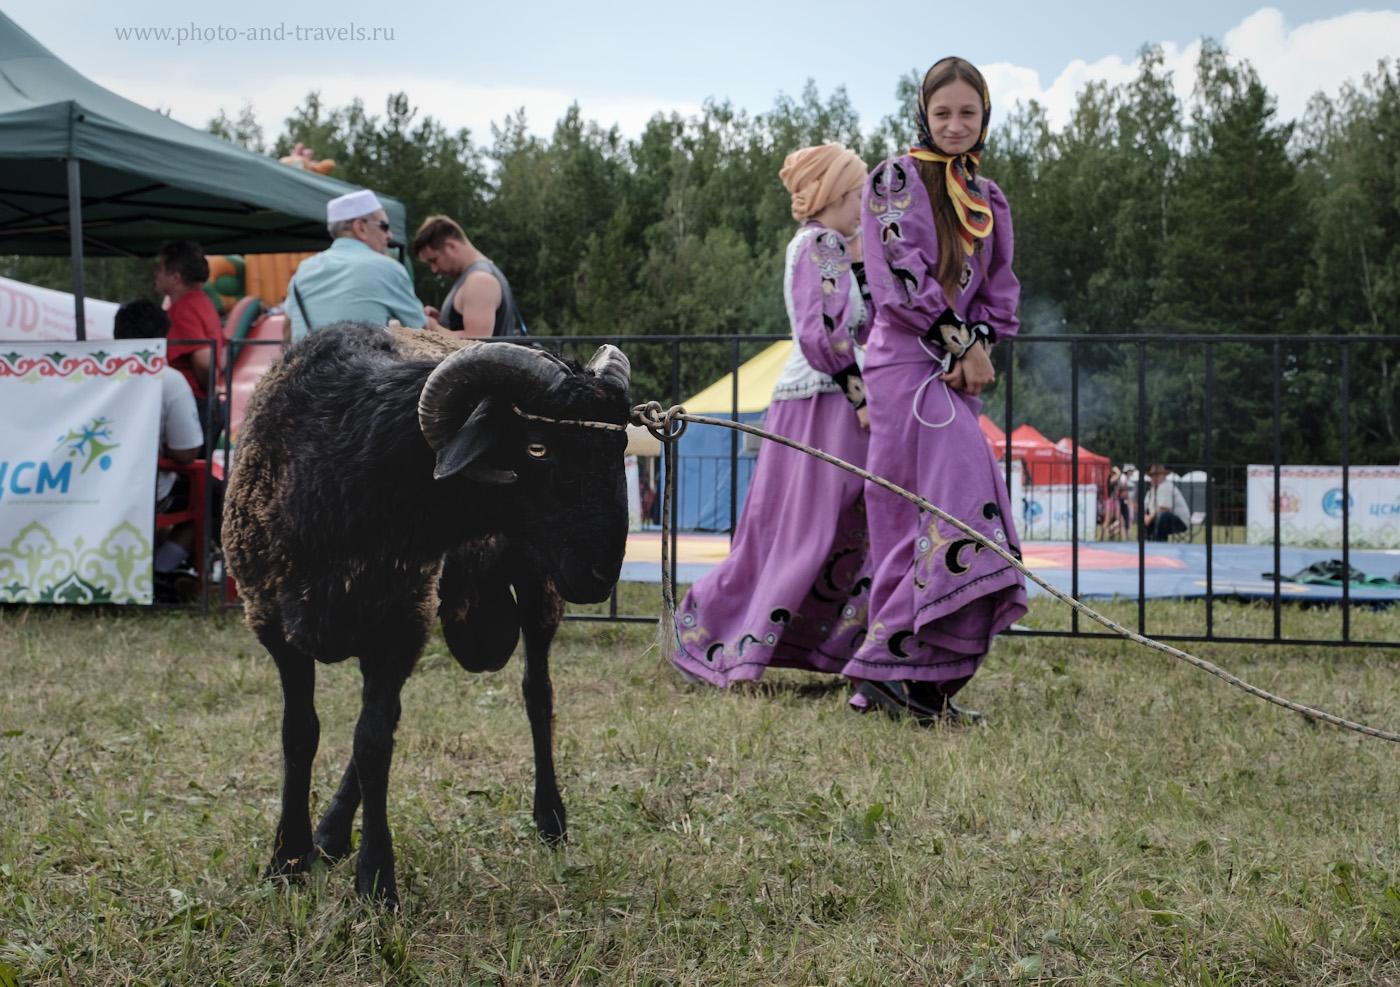 Фото 2. Баран на переднем плане уравновешивается девушкой на заднем. Правило третей в фотографии с уравновешенным задним планом. 1/280, +0.33, 6.4, 200, 24.